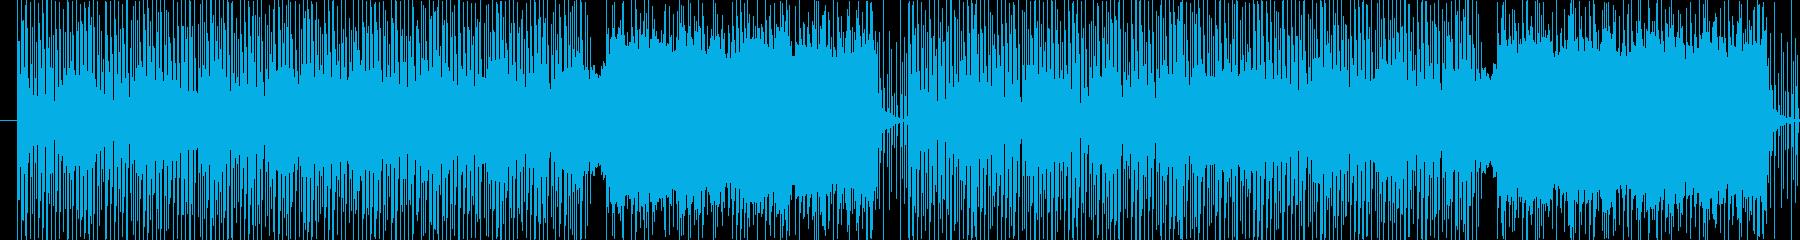 Marimbaの再生済みの波形